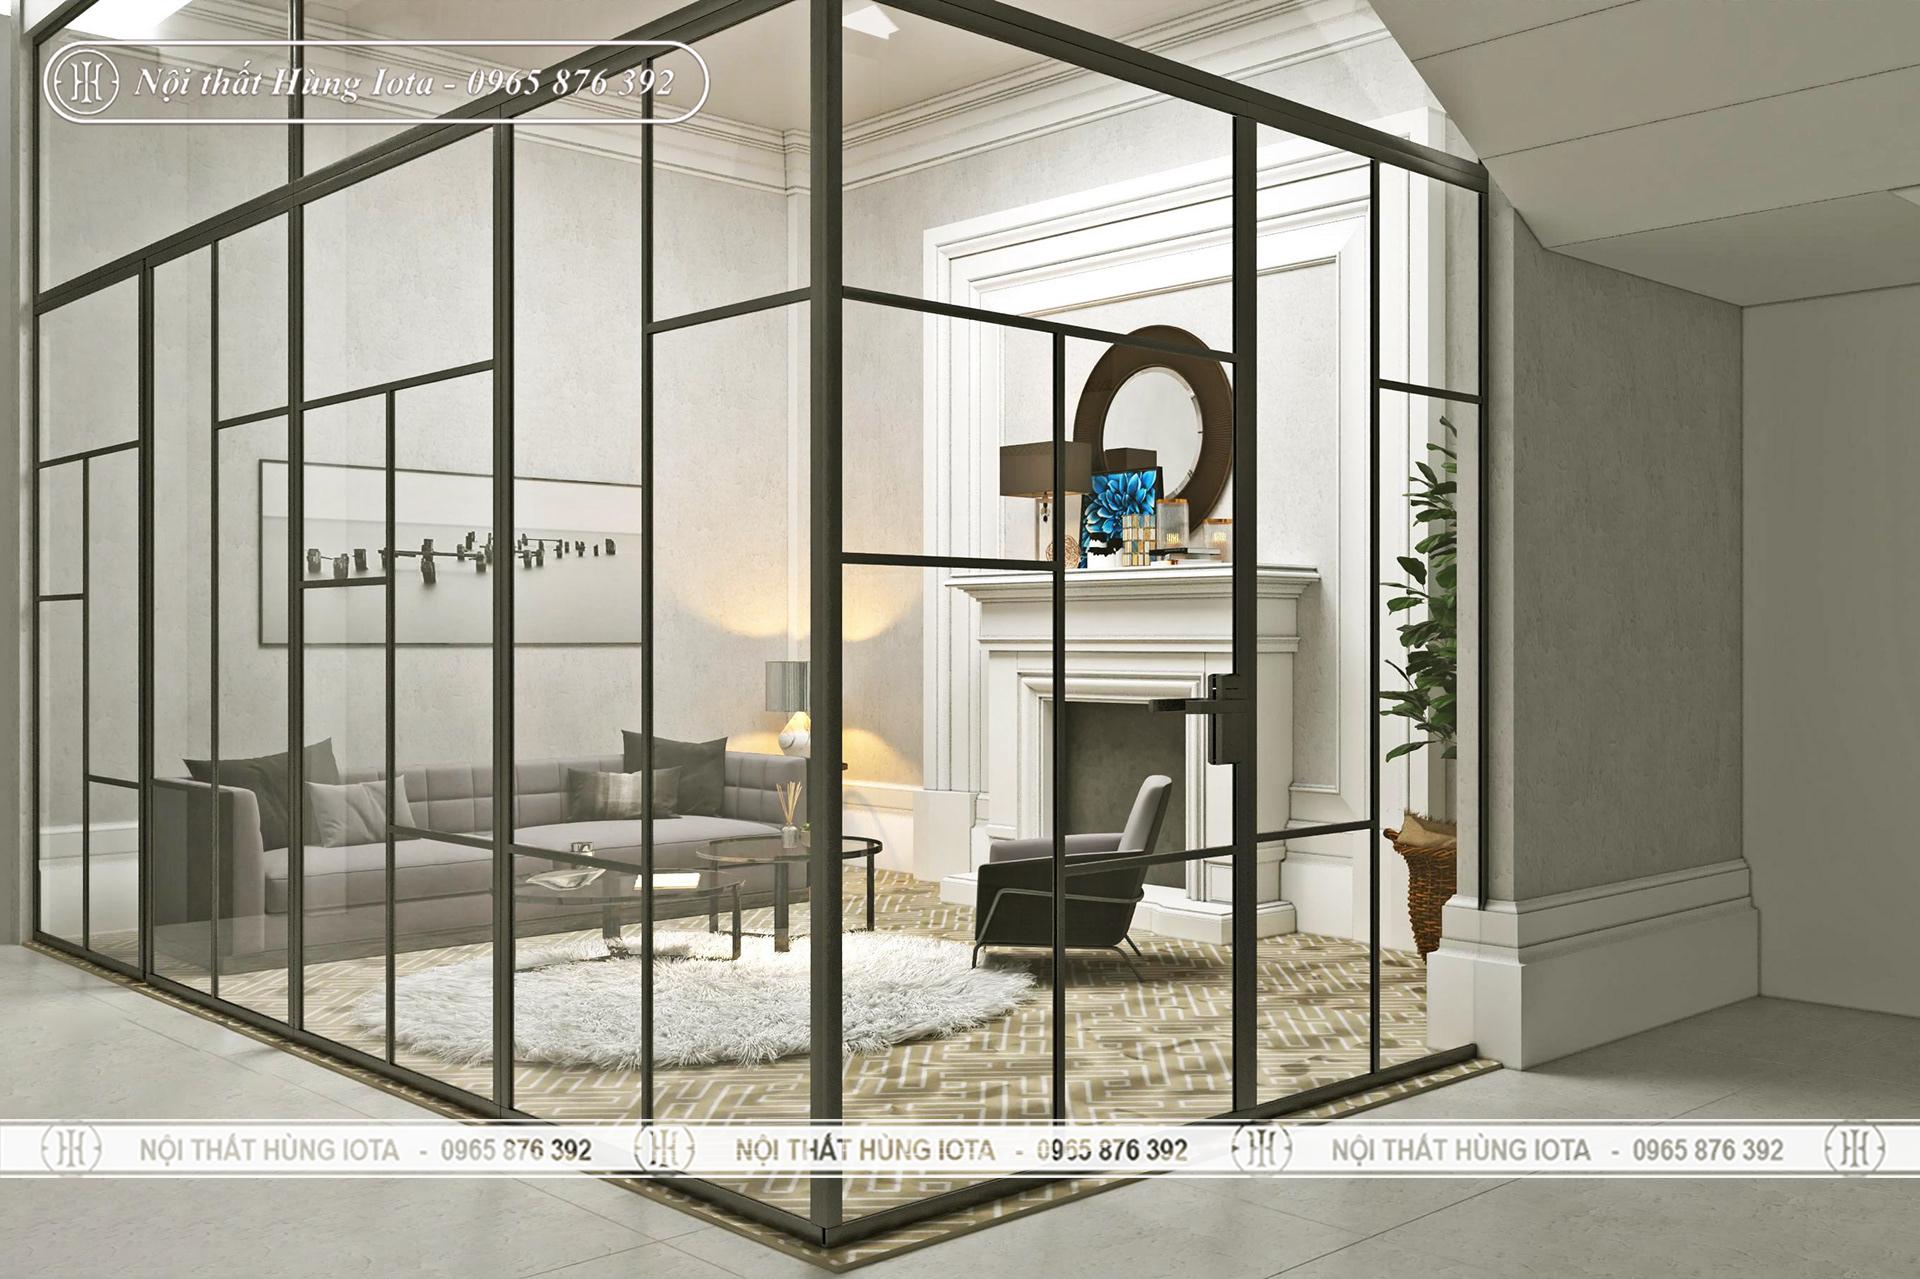 Spa đẹp, thiết kế phòng tư vấn khách hàng sang - chảnh